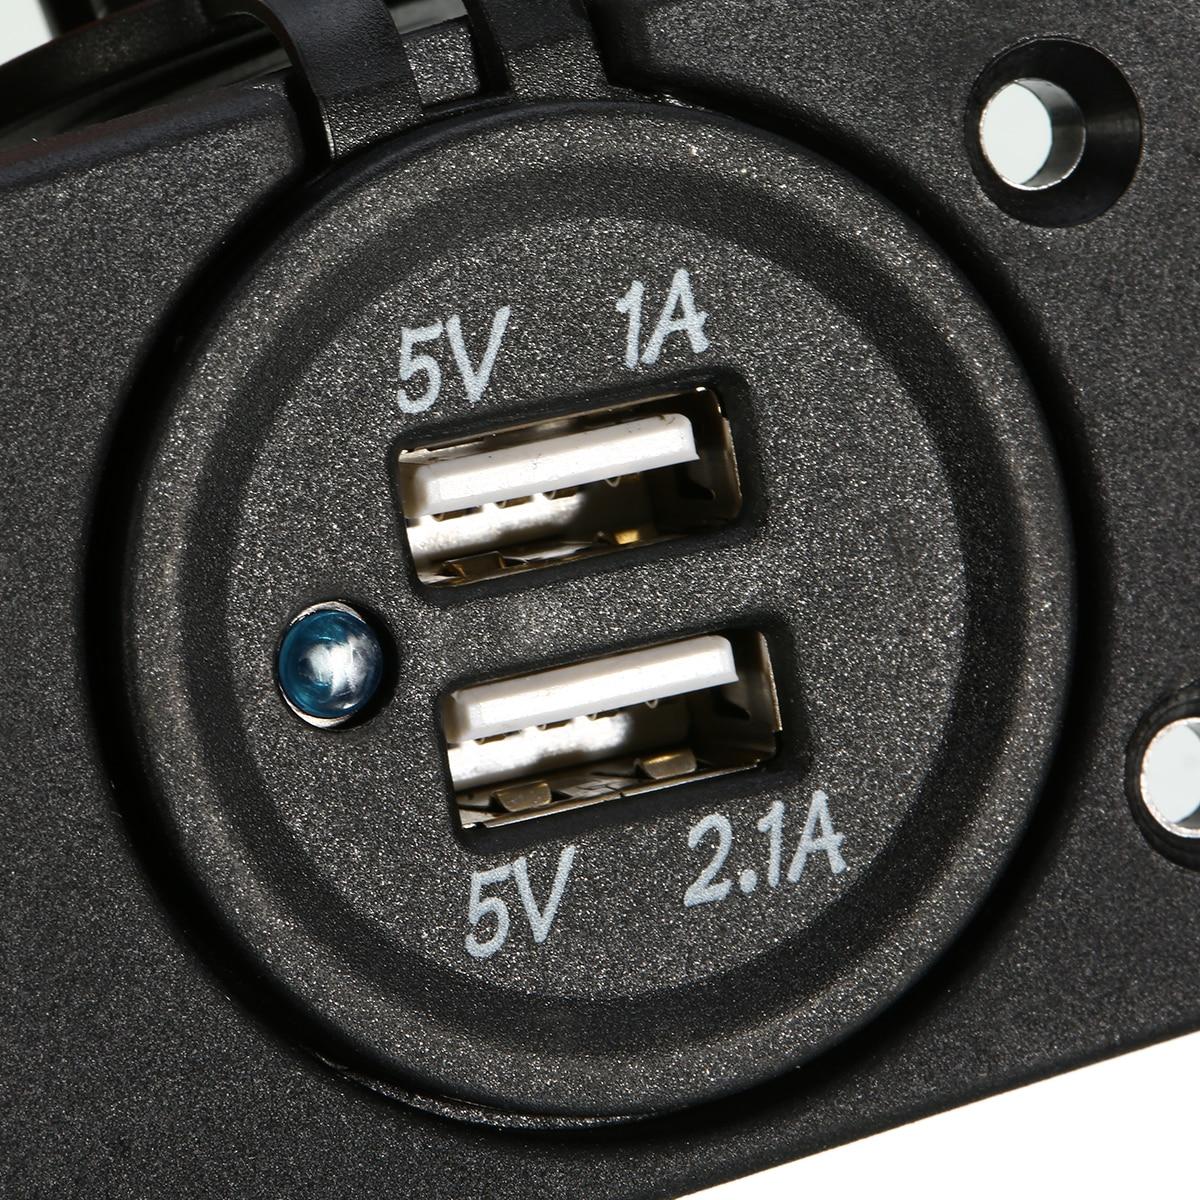 Kiváló minőségű 12 V-os kettős USB-töltő hálózati adapter, - Autóalkatrész - Fénykép 6